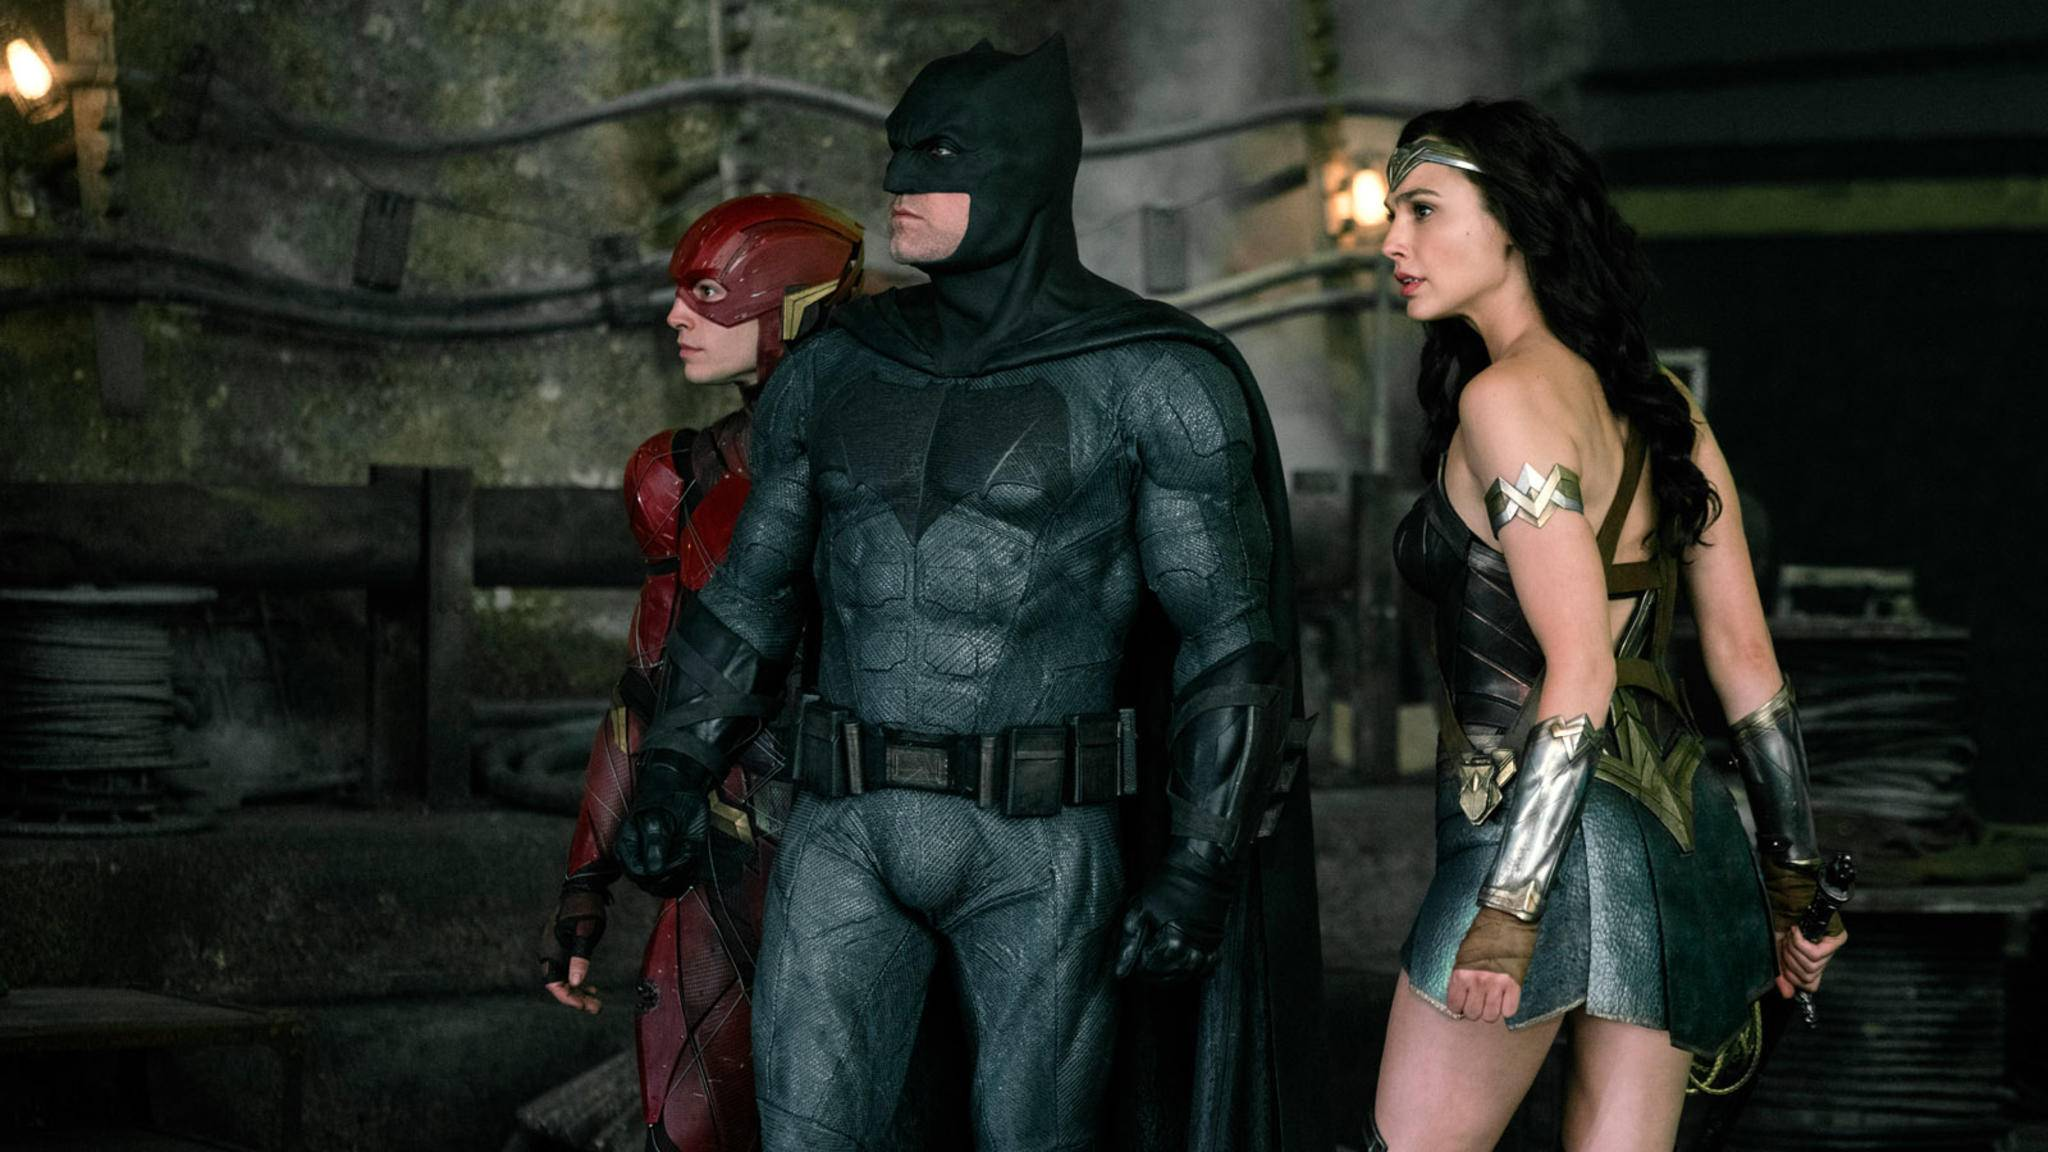 Die Justice League macht sich bereit für den Kampf: Am Samstag erscheint ein neuer Trailer zum DC-Spektakel.